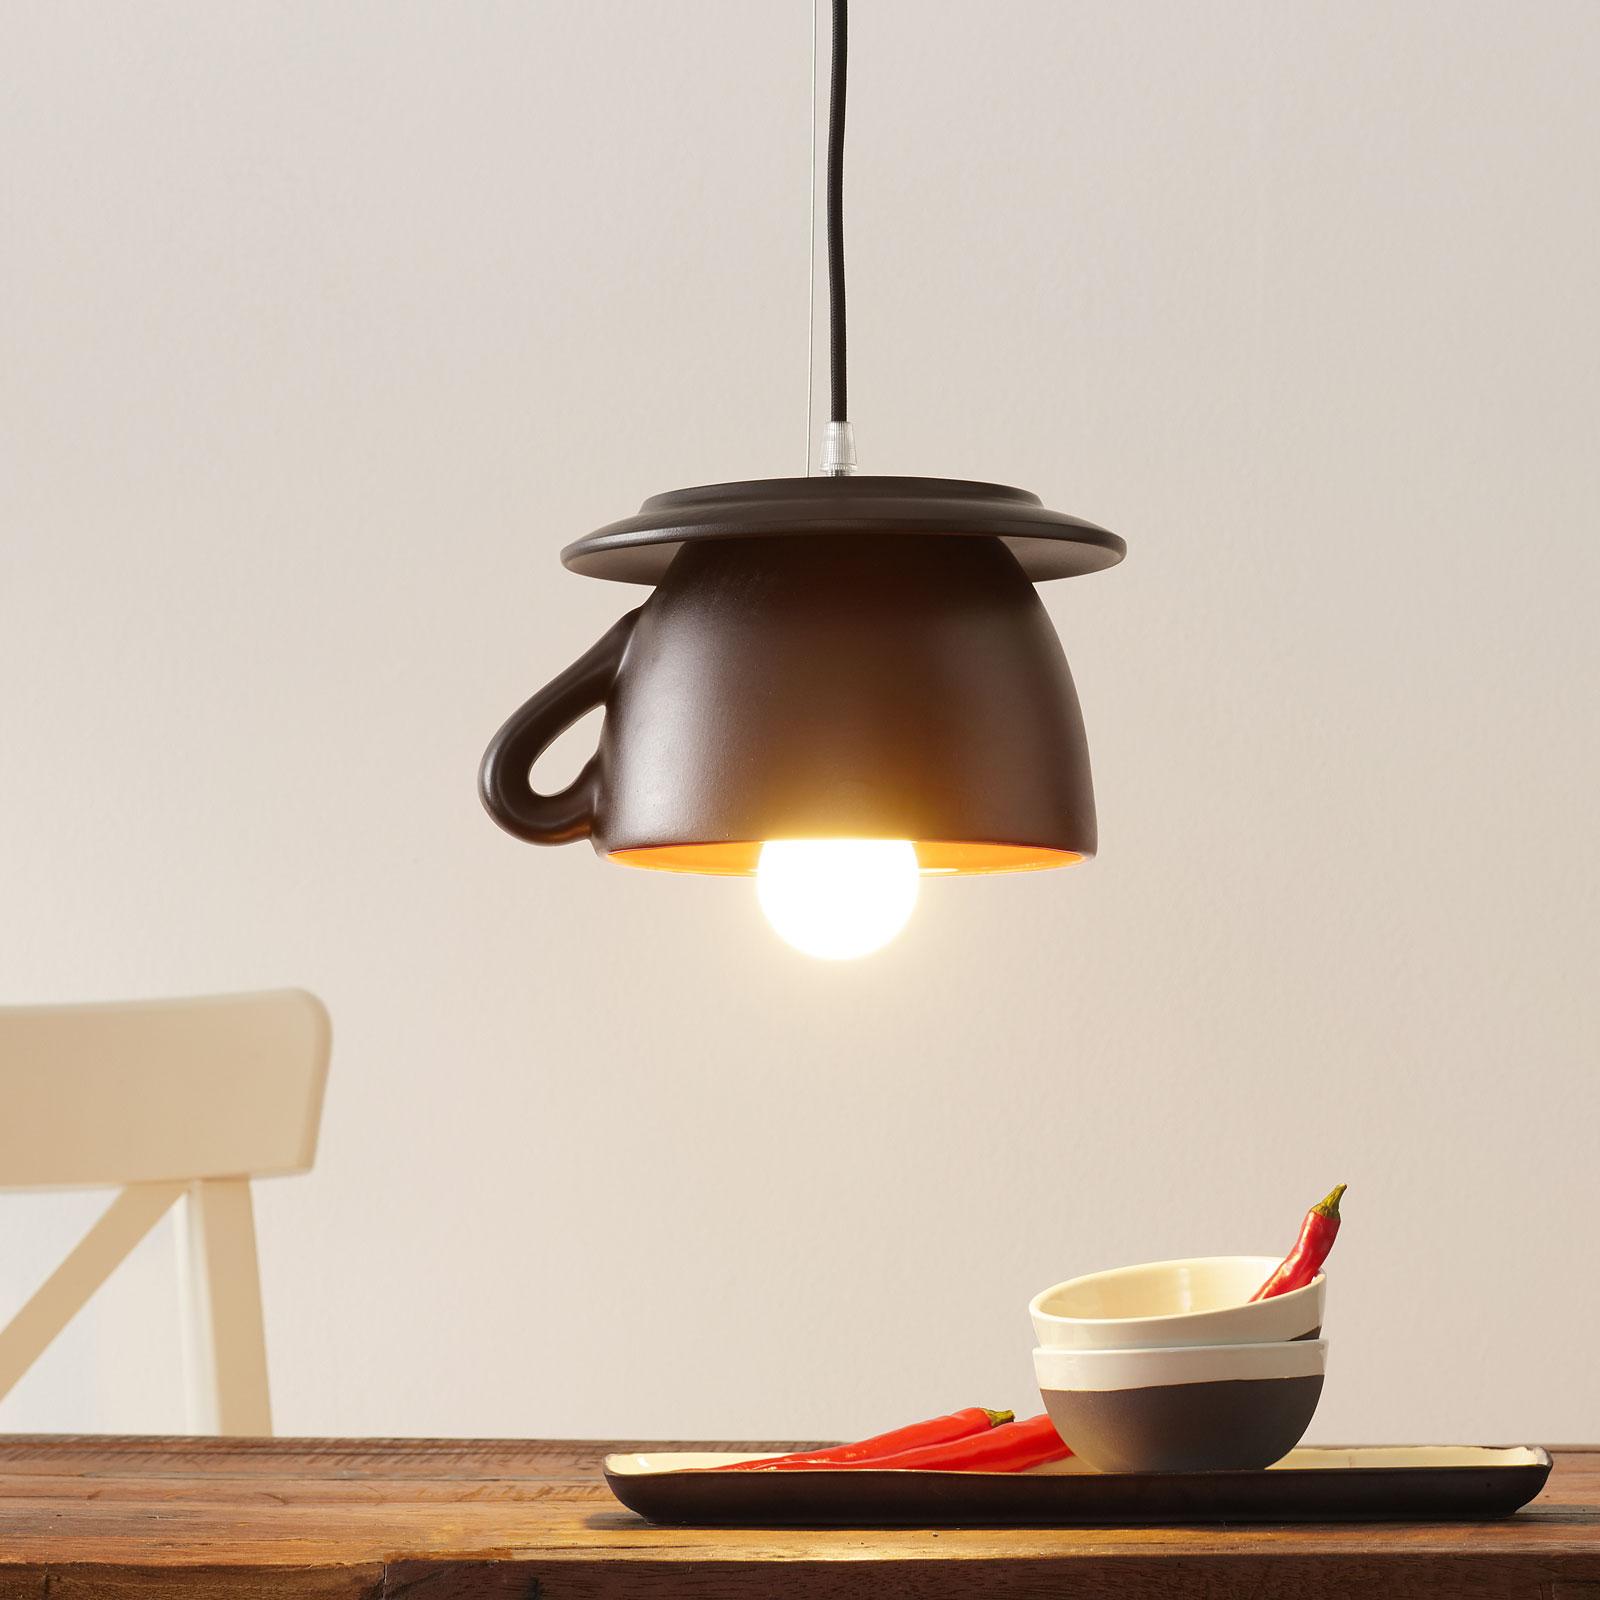 Ceramiczna lampa wisząca w kształcie filiżanki